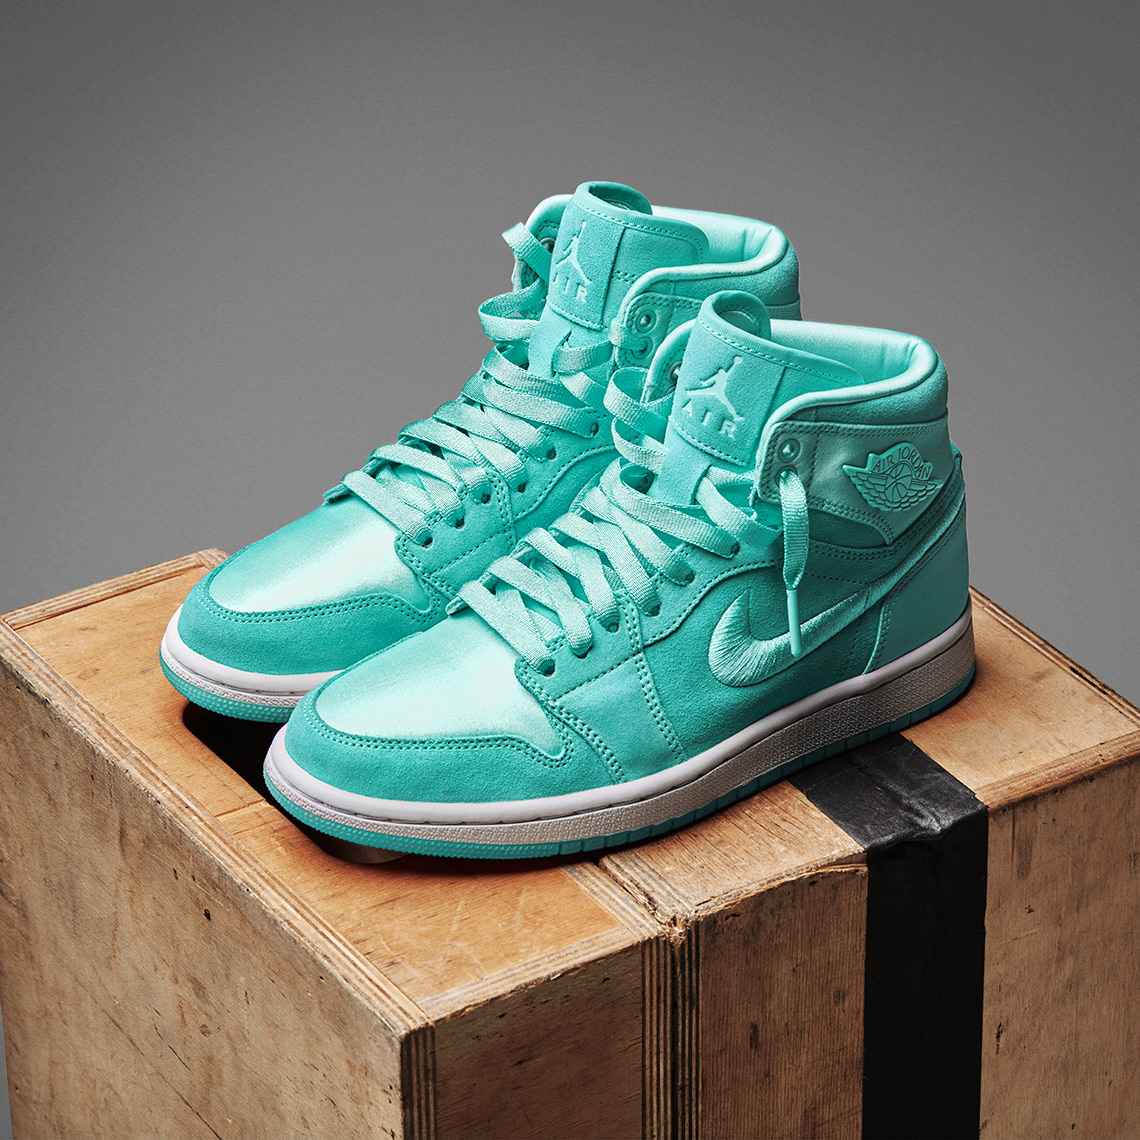 Latest Female Nike Shoes